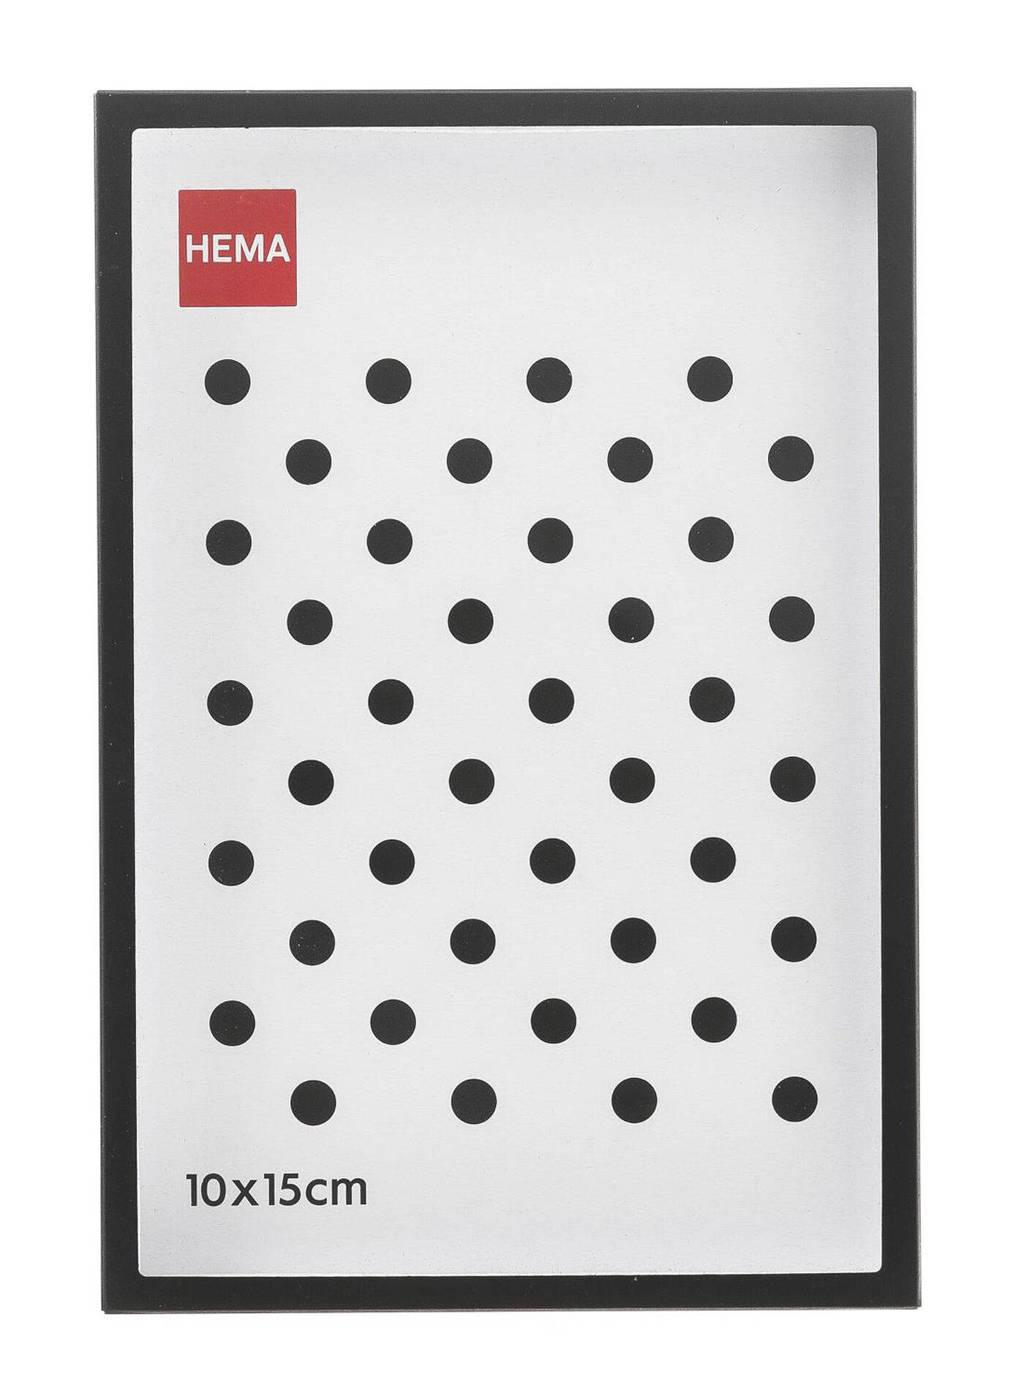 HEMA fotolijst  (10x15 cm), Zwart